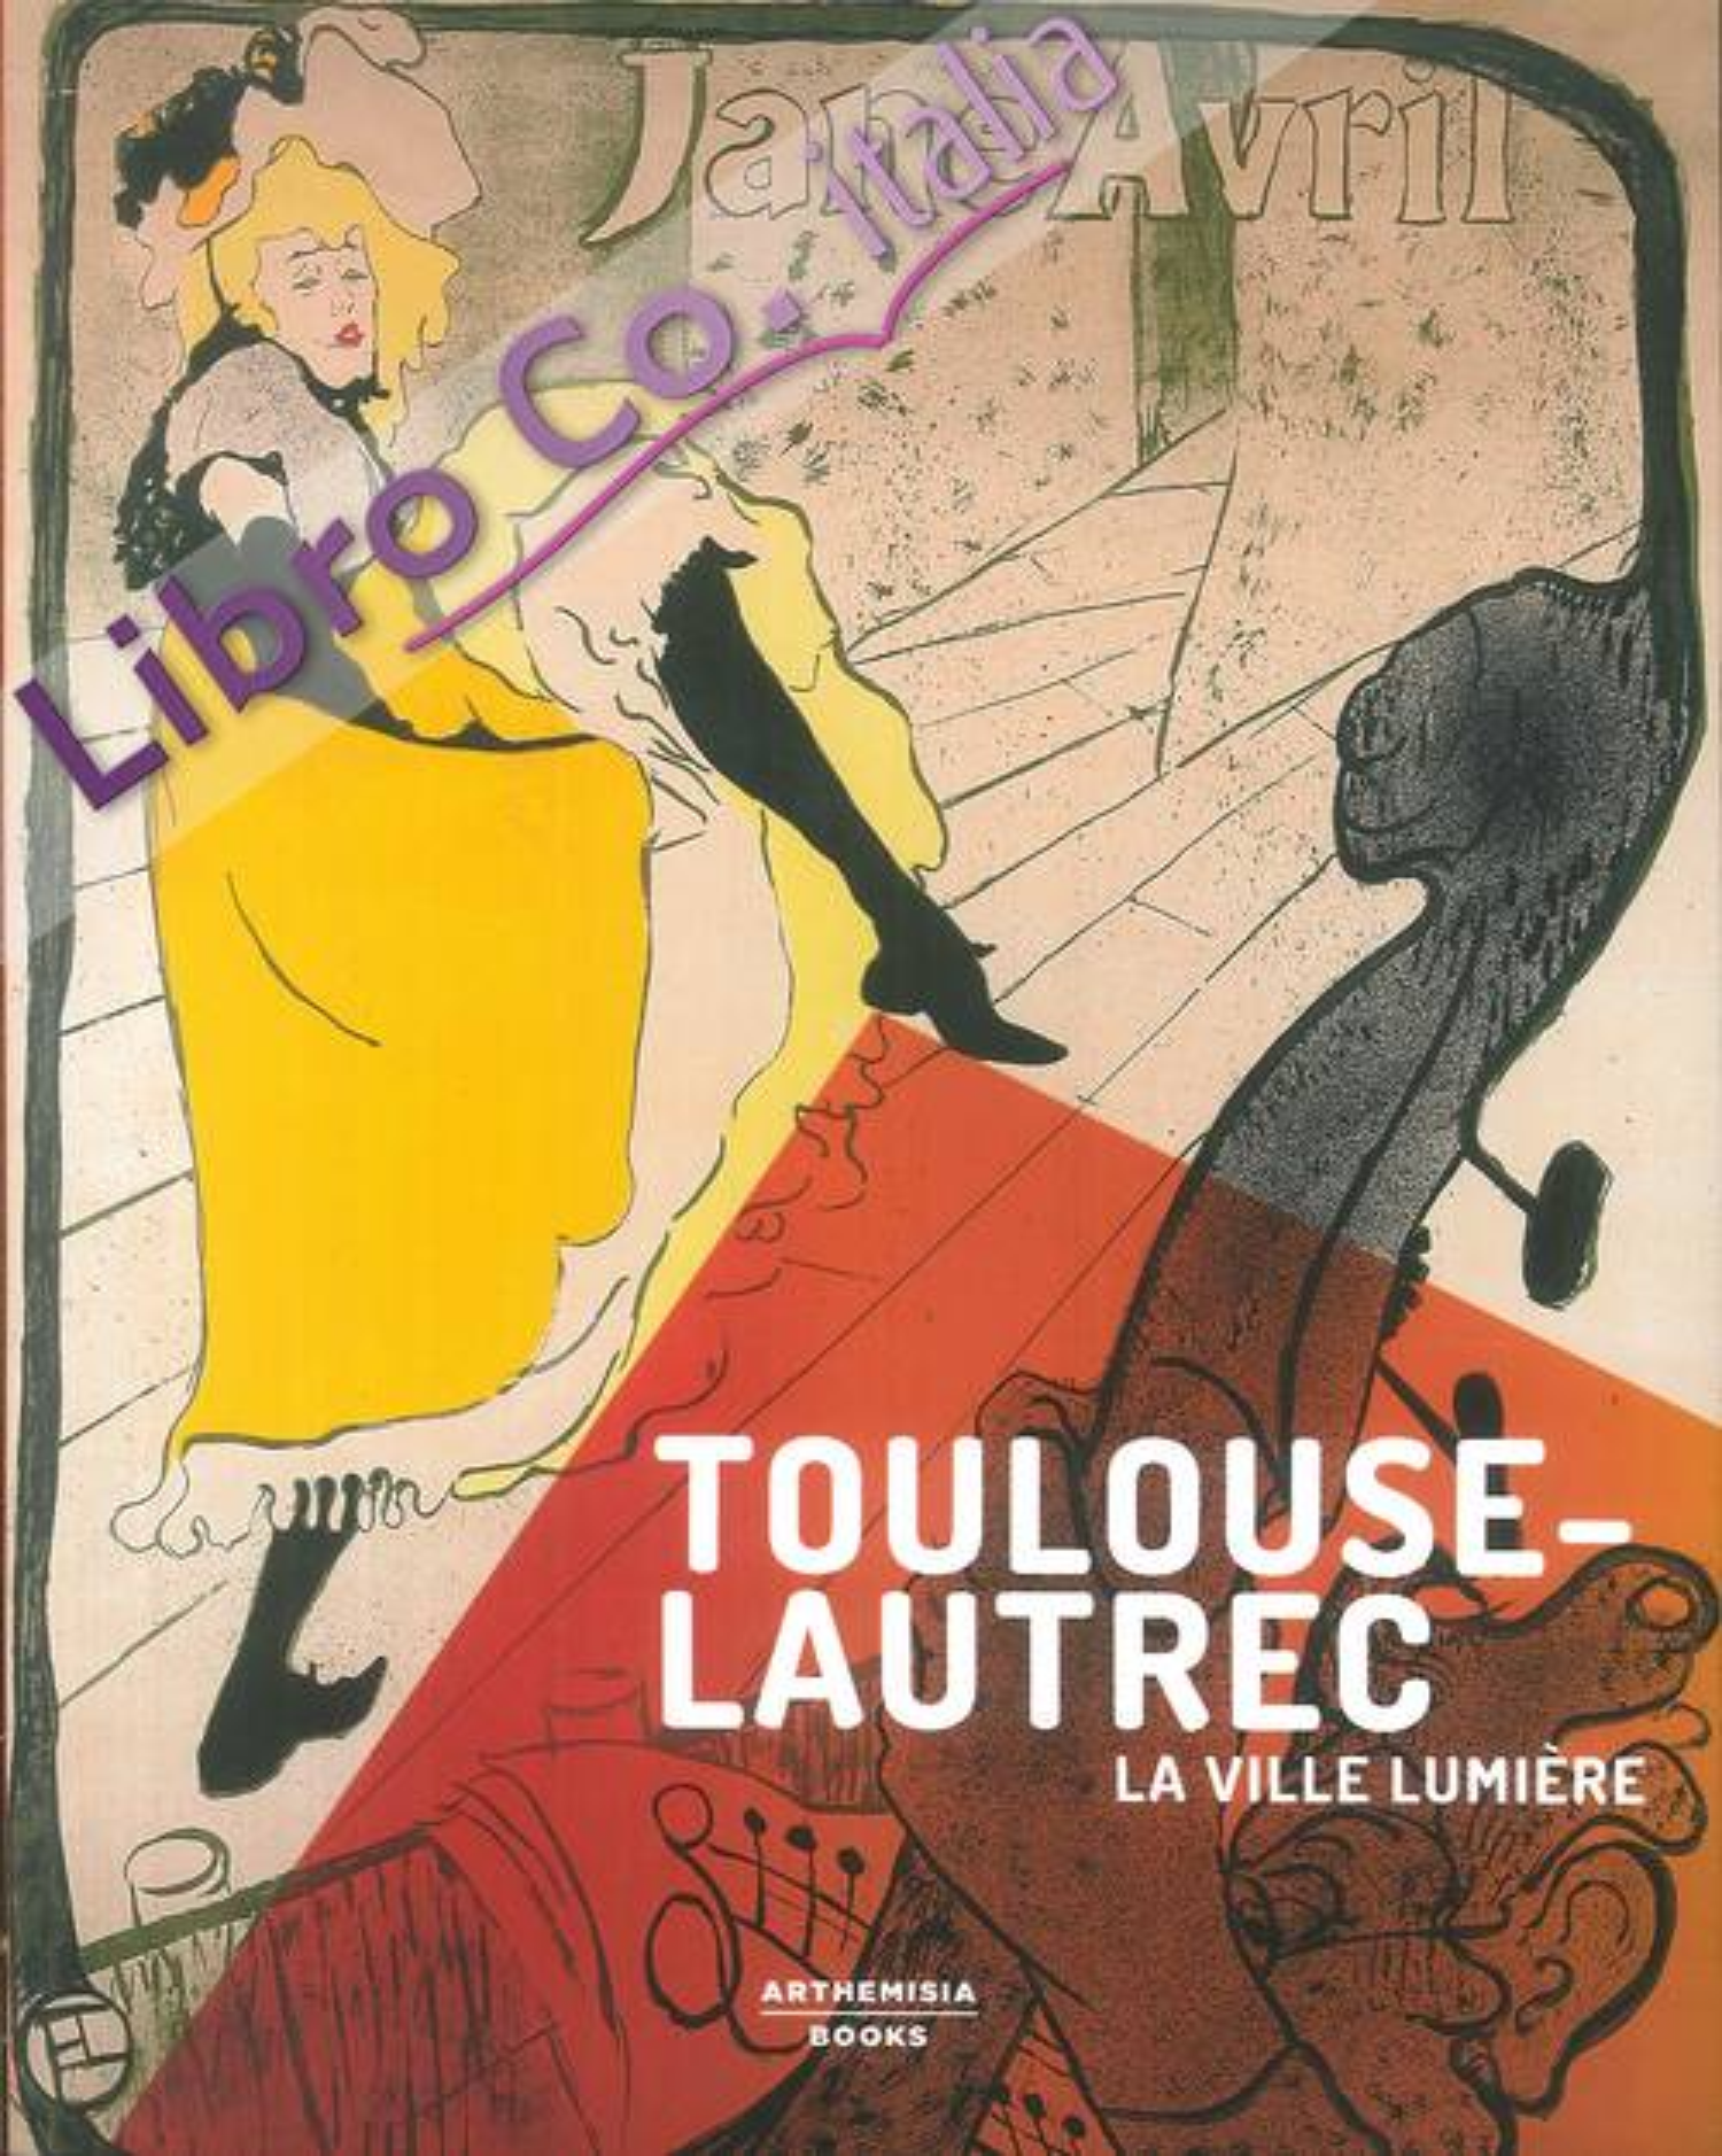 Toulouse-Lautrec. La ville lumière